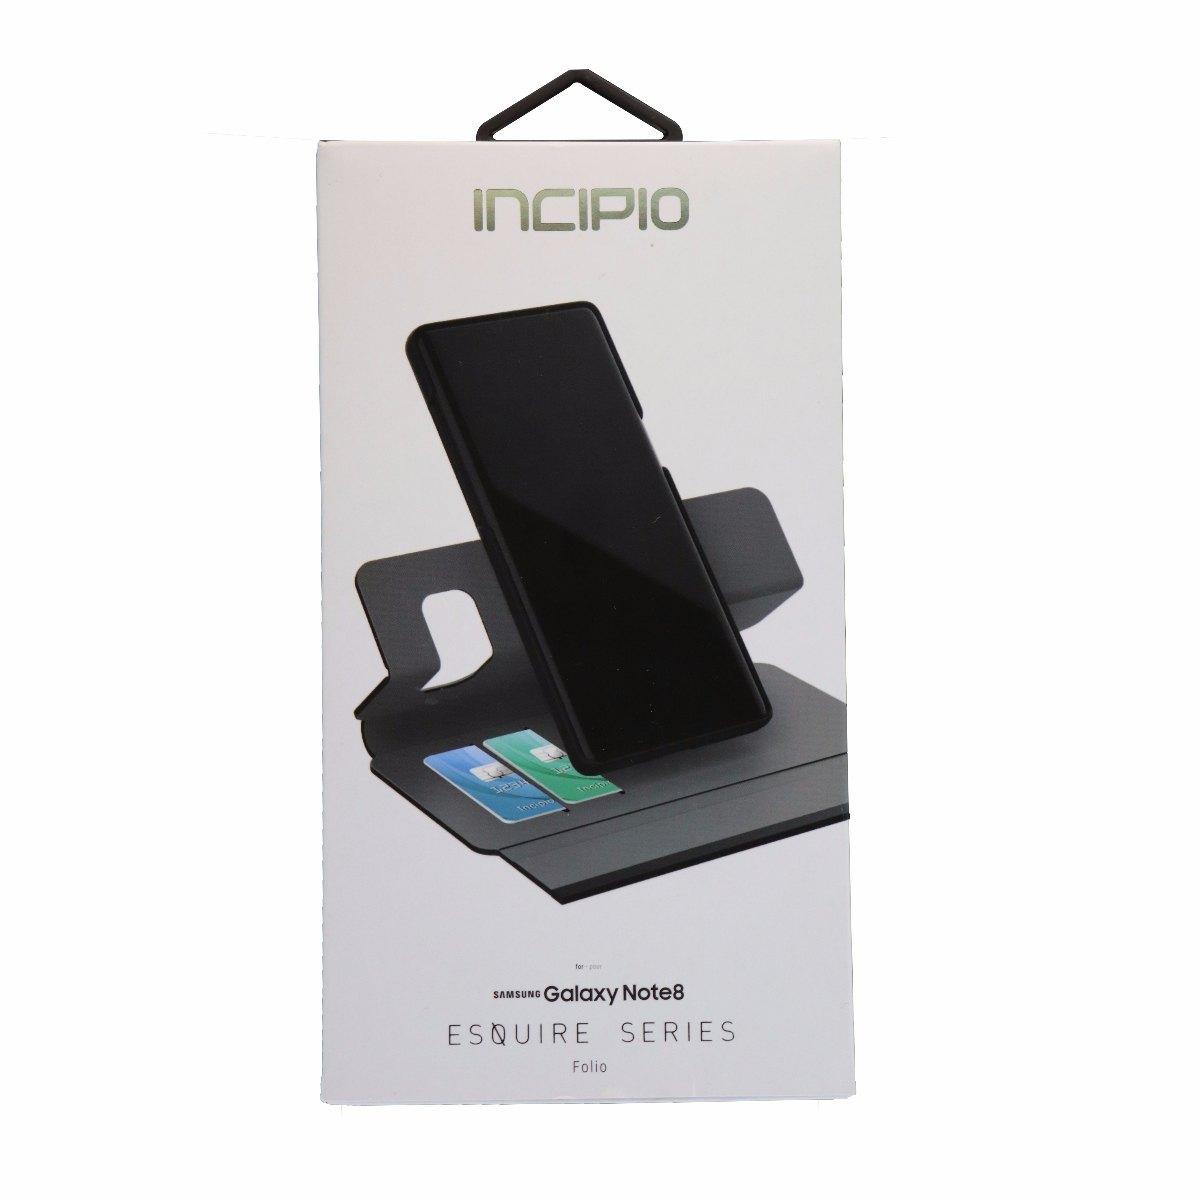 Incipio Esquire Series Folio Protective Case Cover for Galaxy Note 8 - Gray